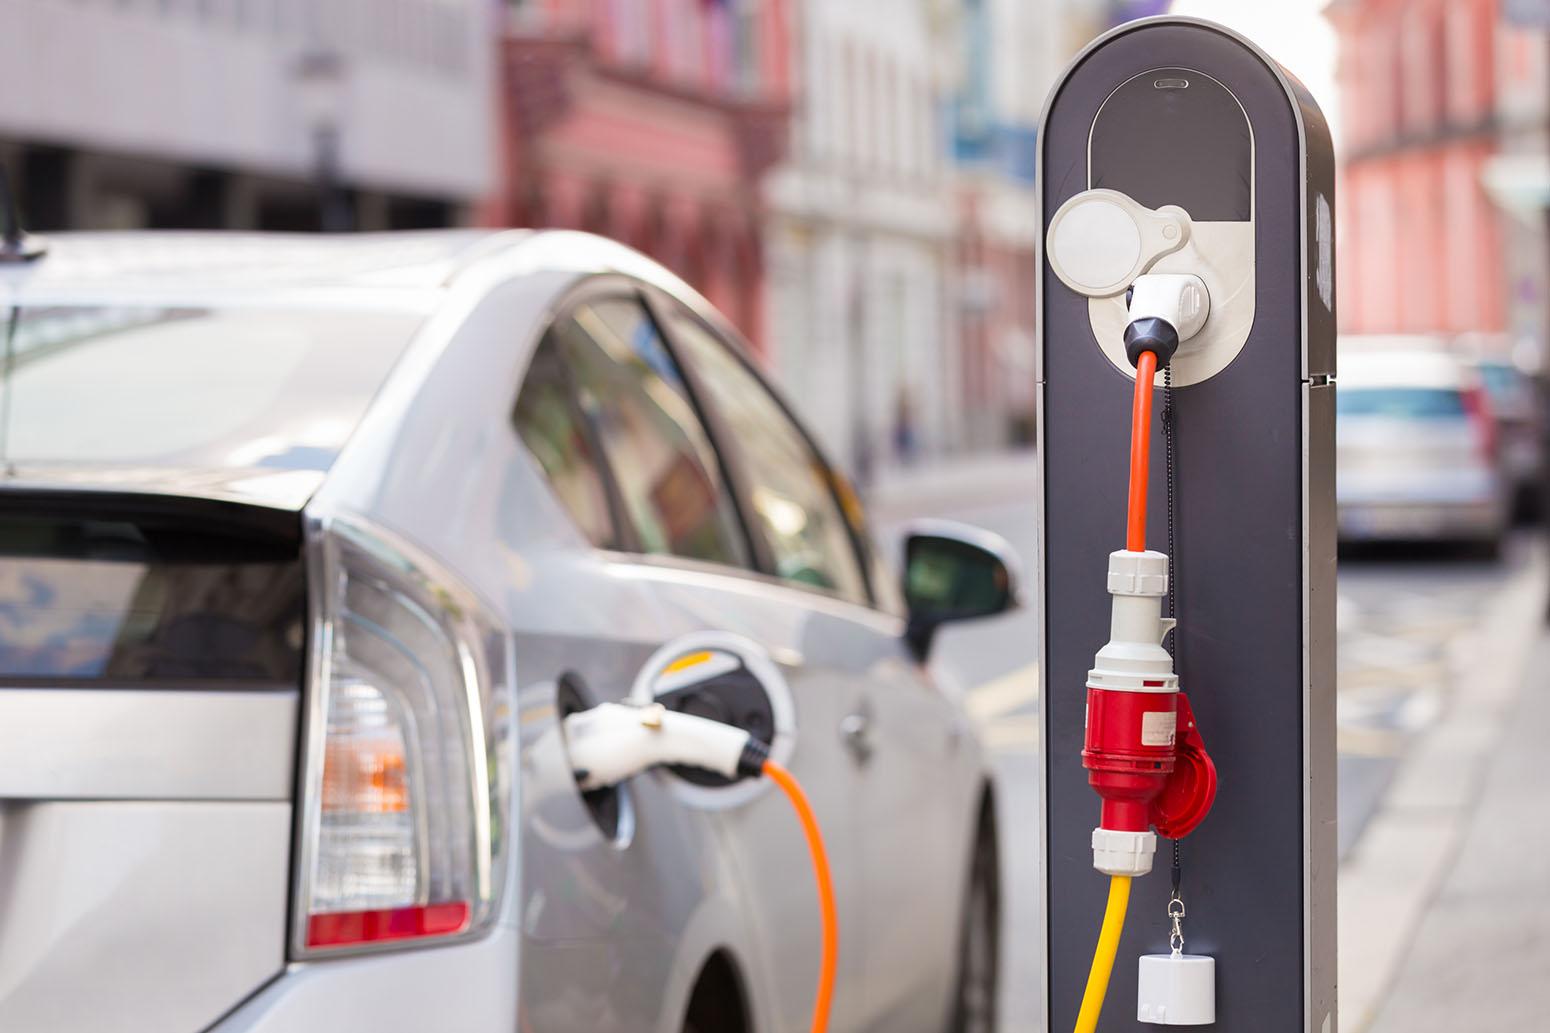 ВСША открыли самые быстрые станции зарядки для электромобилей